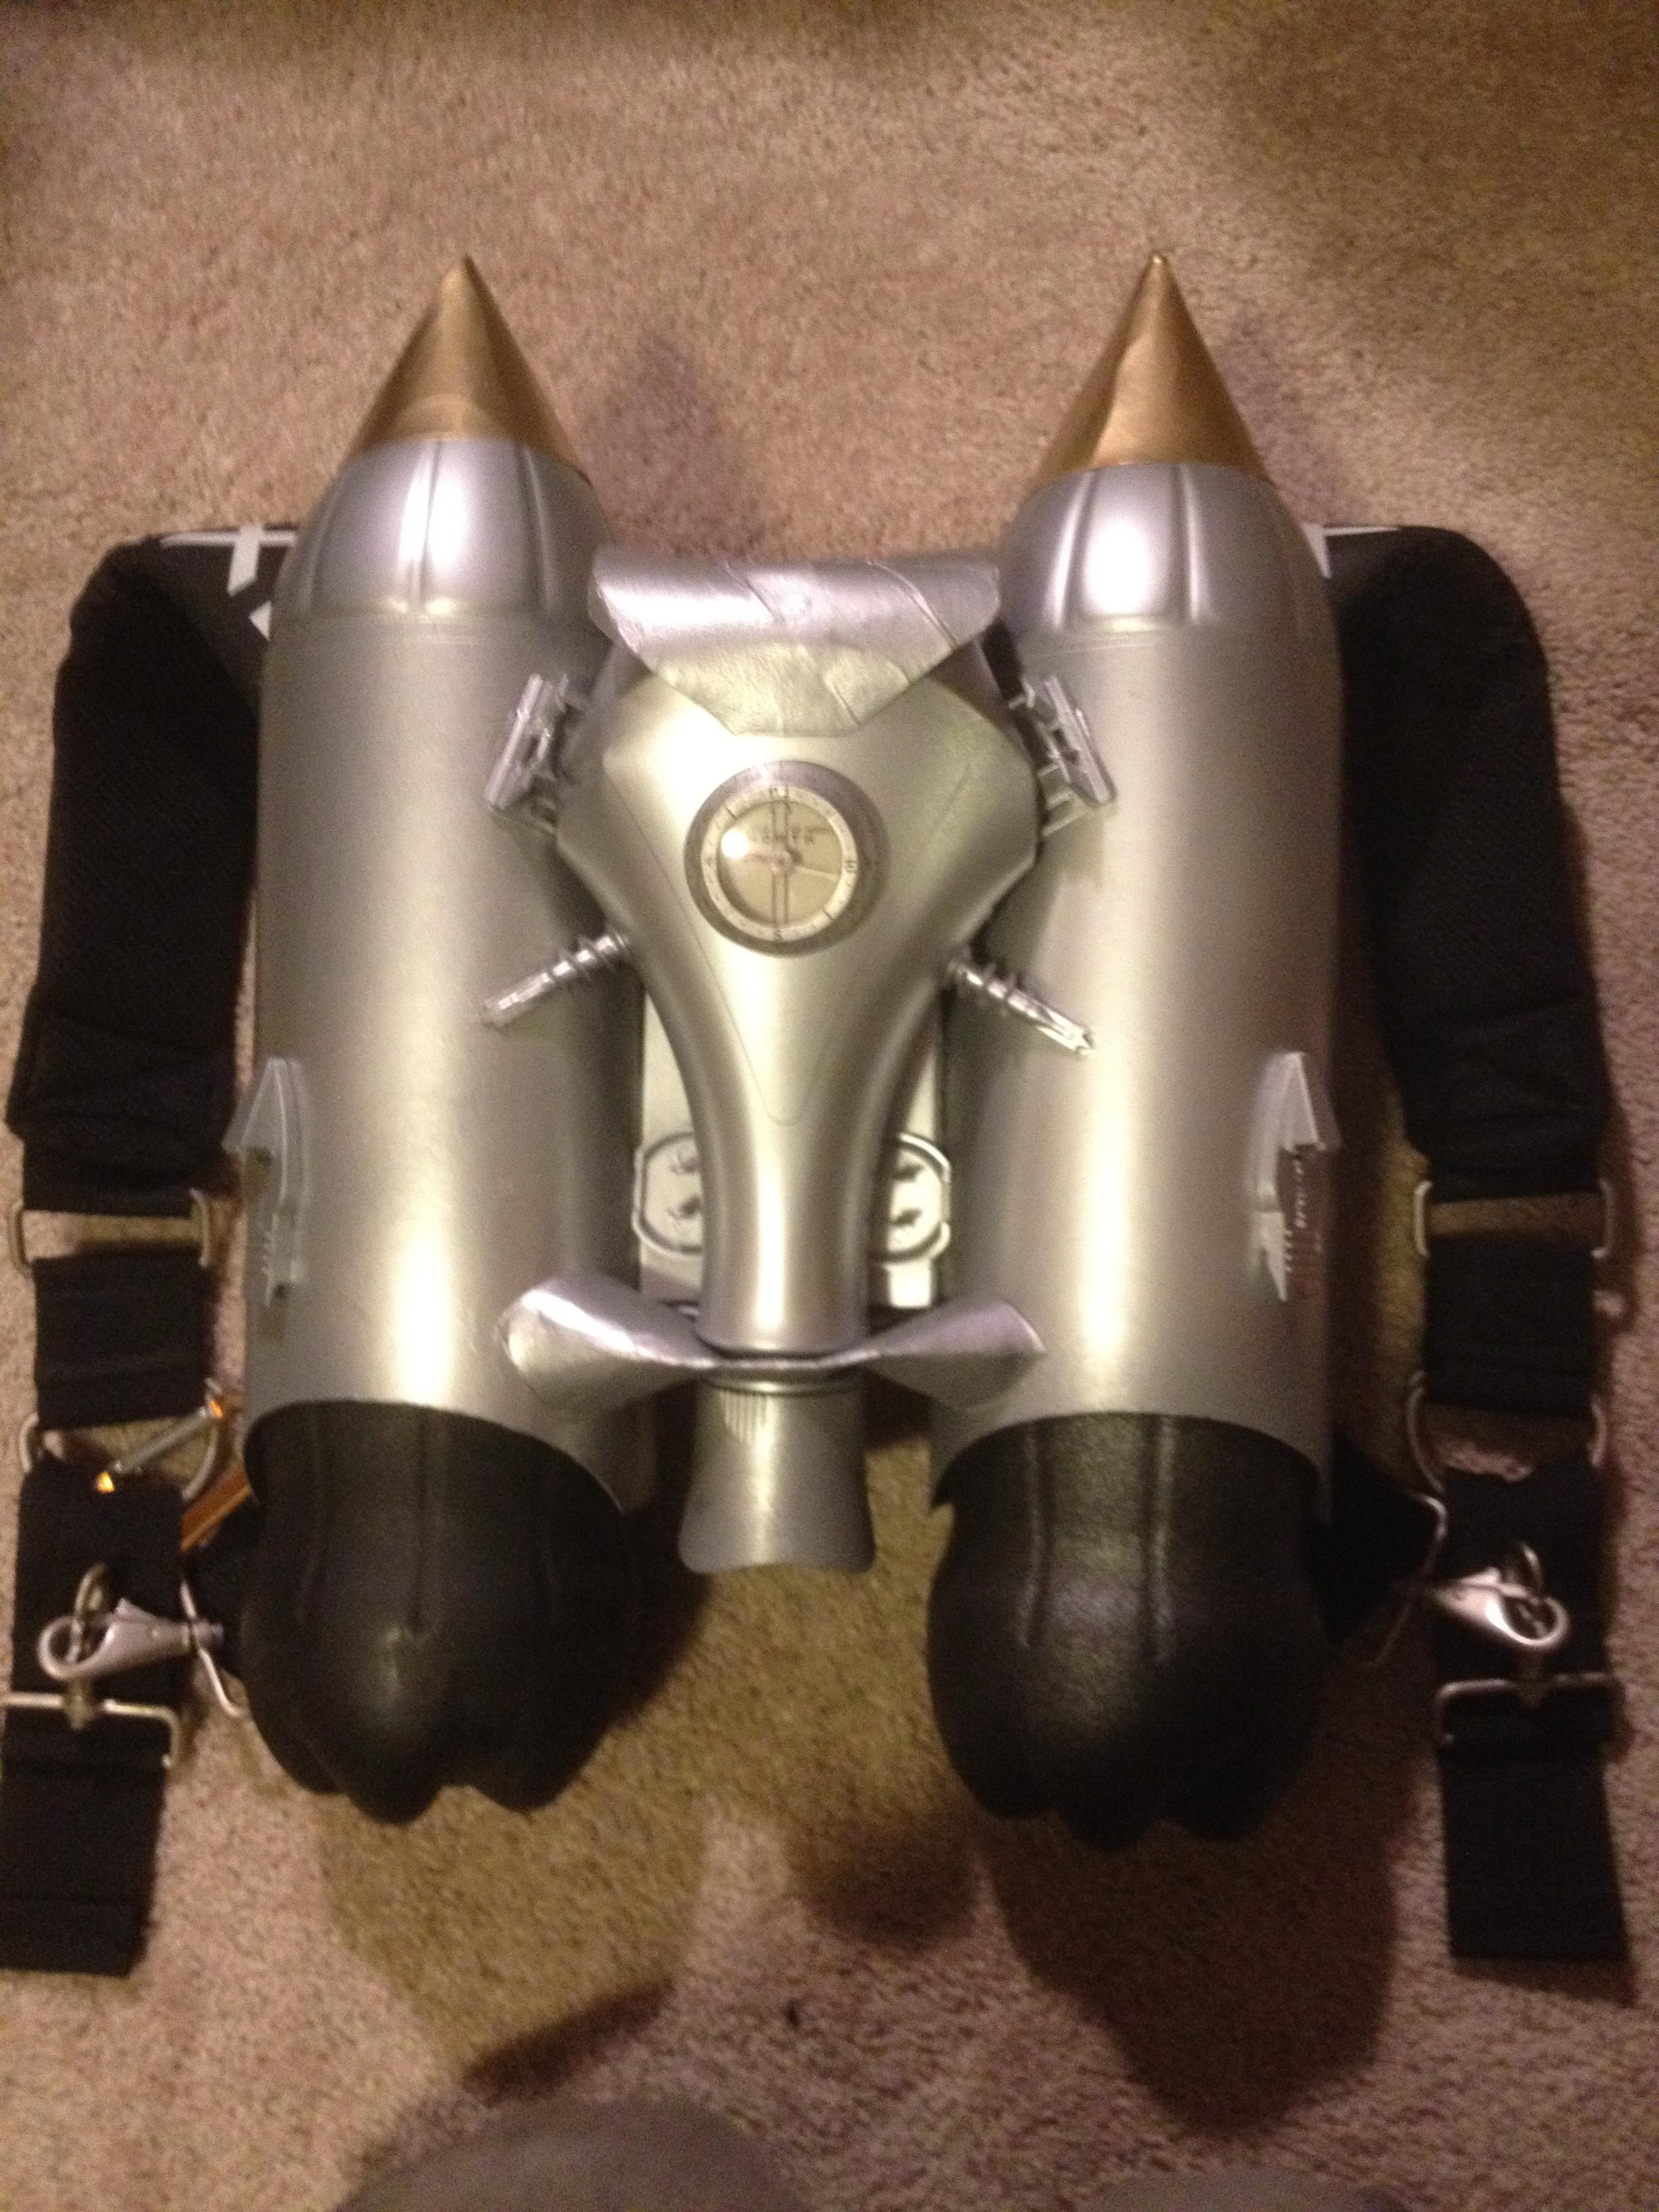 Rocketeer JETPACK!